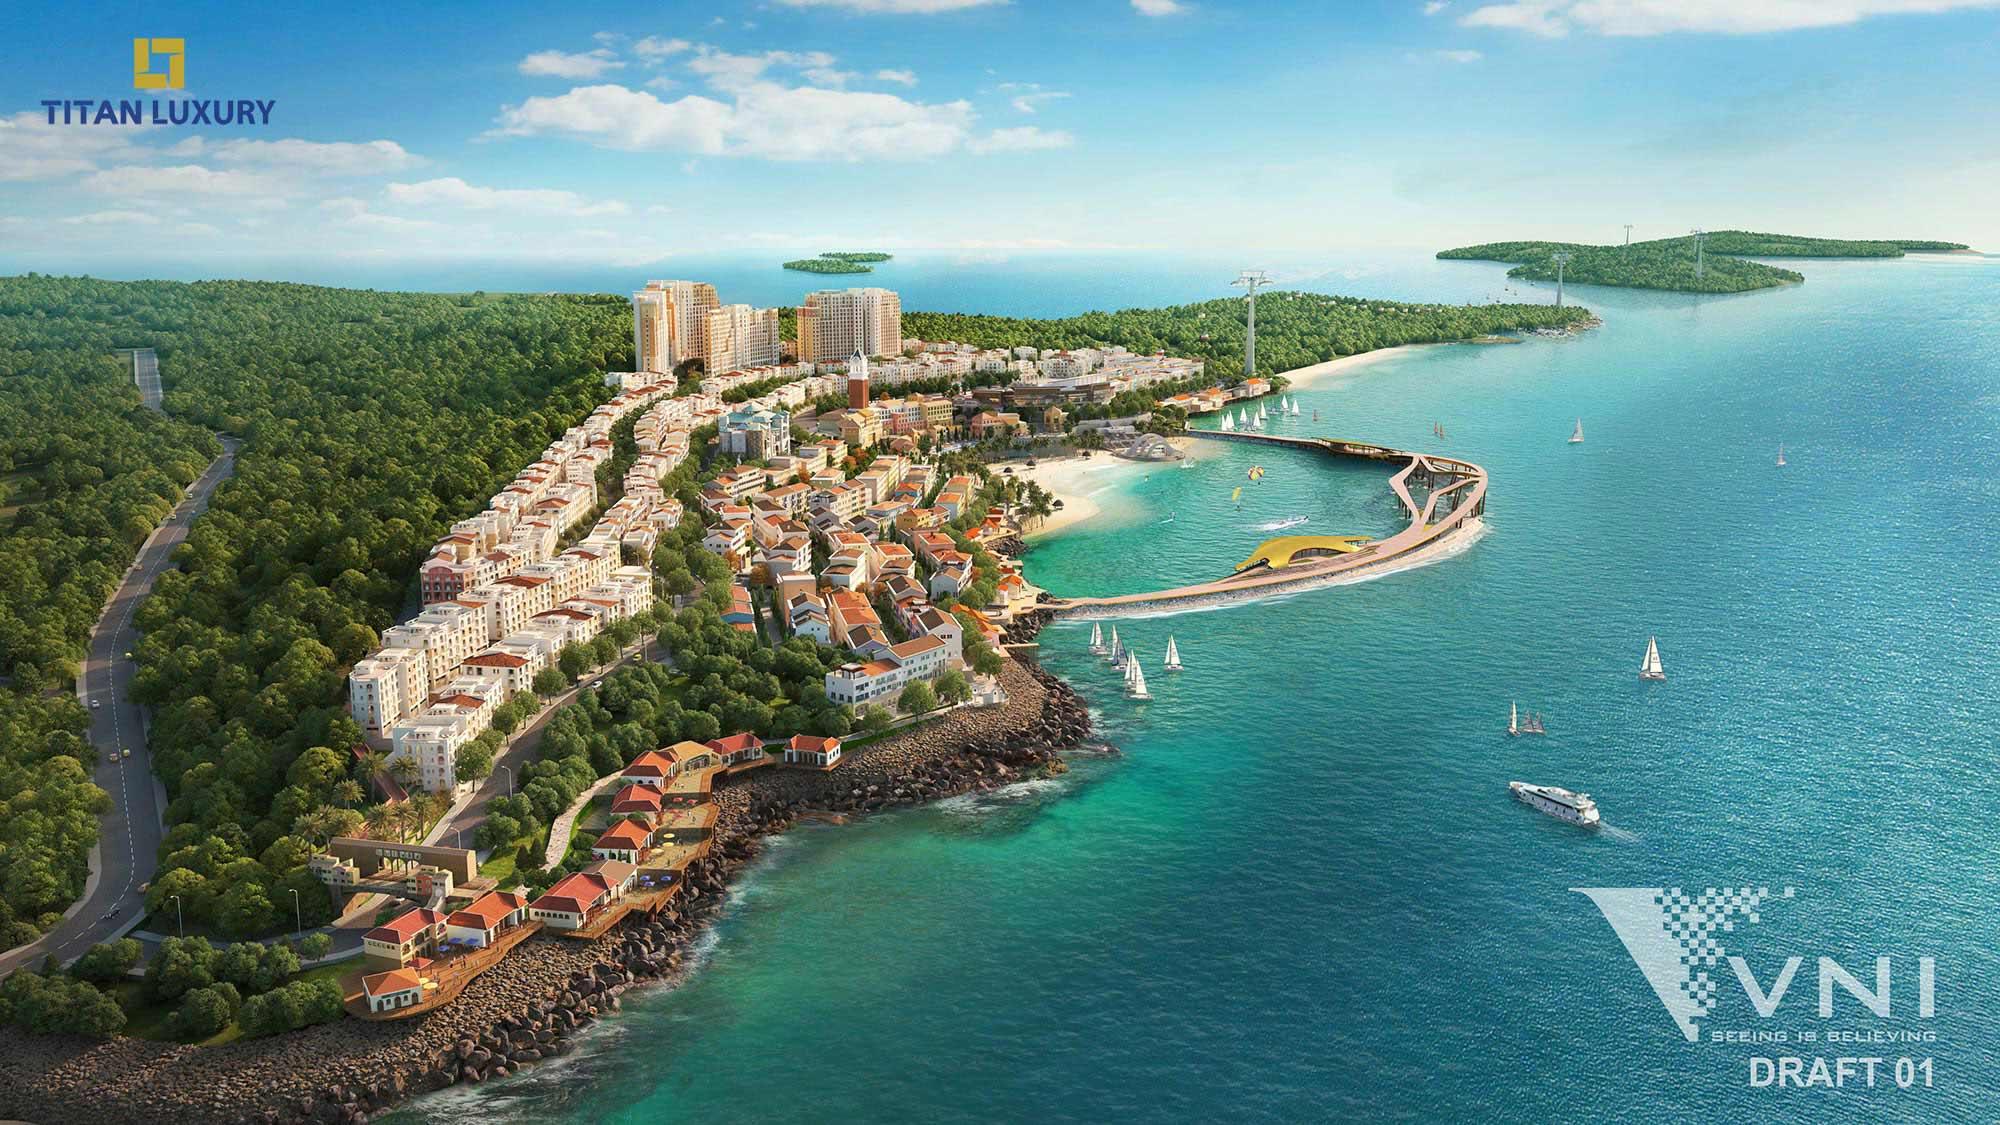 Hillside The Center Địa Trung Hải - bất động sản cao cấp đầy tiềm năng cho nhà đầu tư